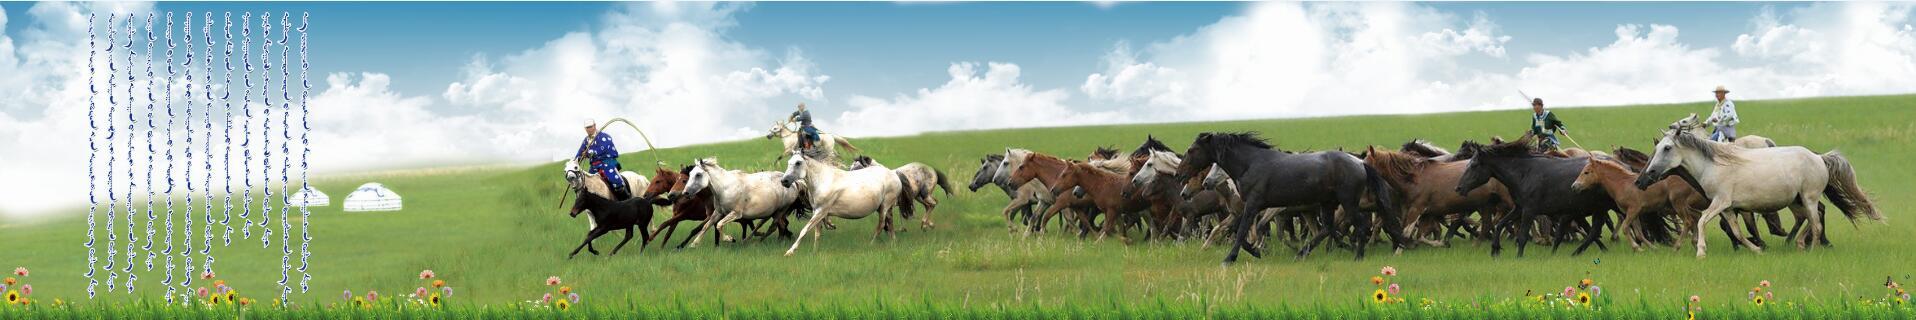 奔驰的马群和套马的汉子psd  第1张